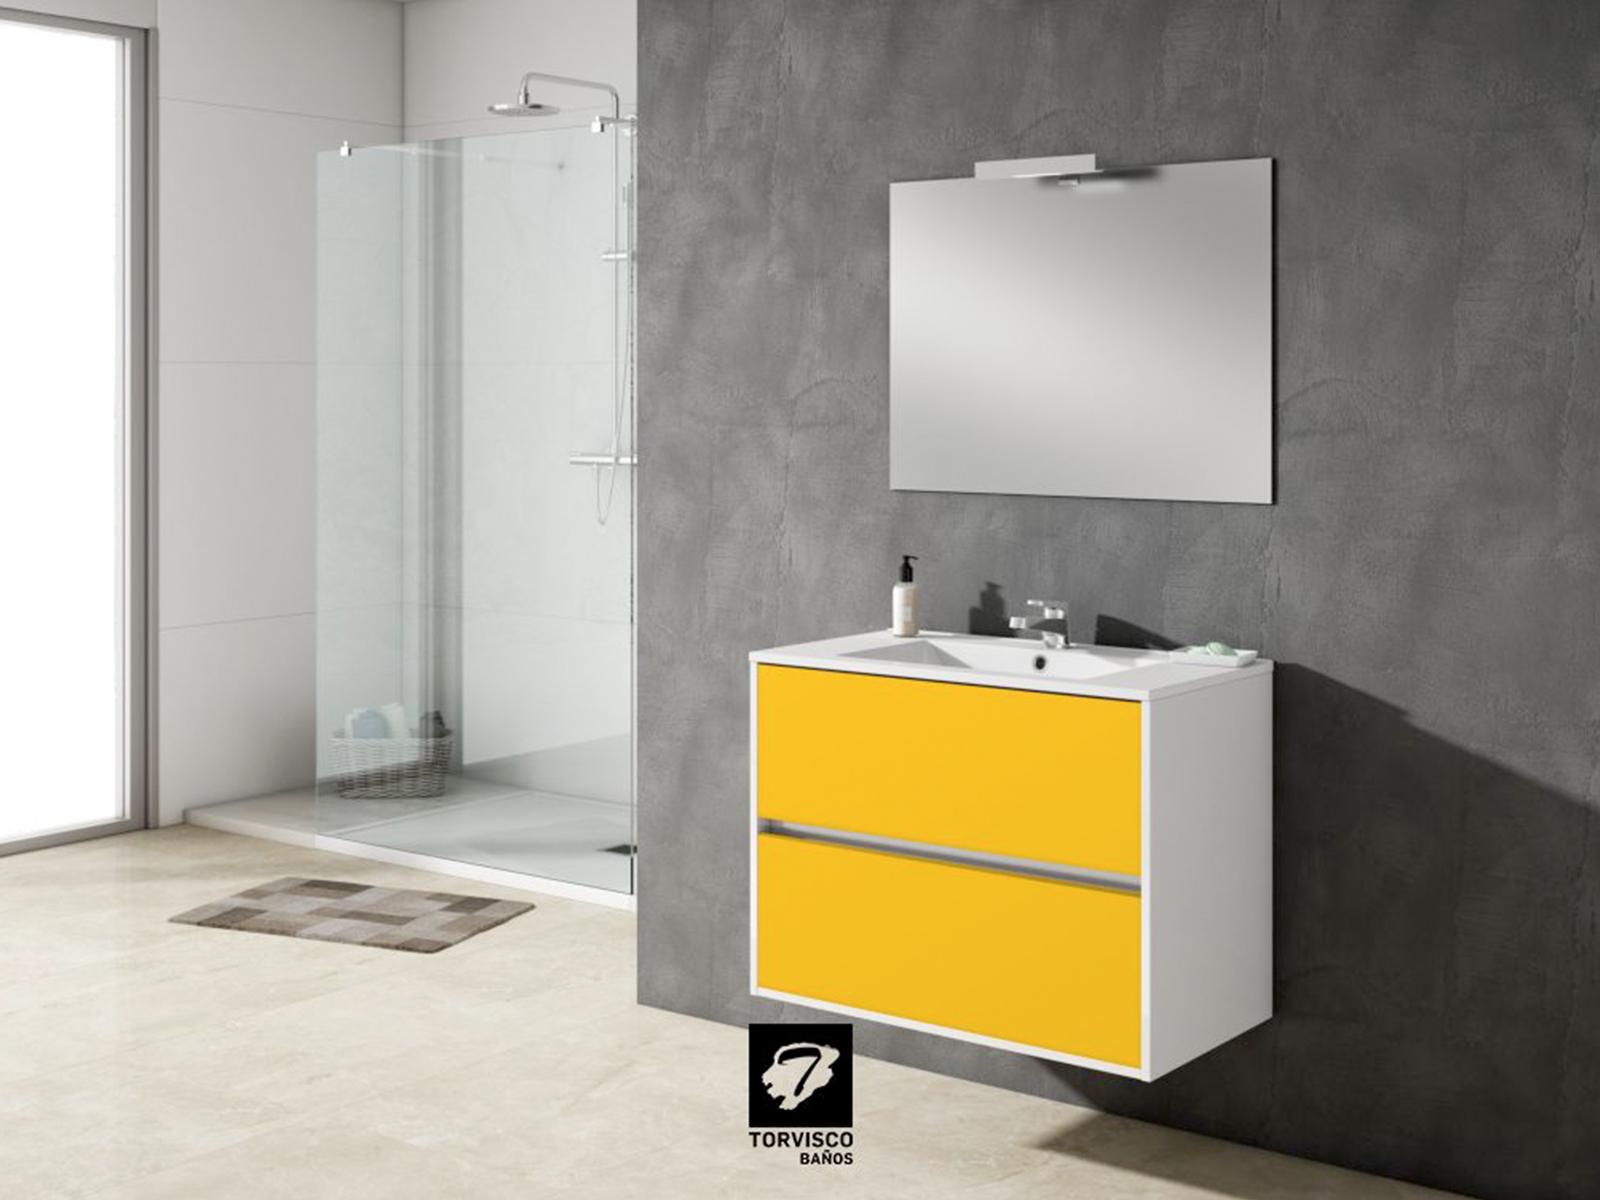 Nuevos colores vibrantes para el mueble de ba o taiga de - Torvisco group ...